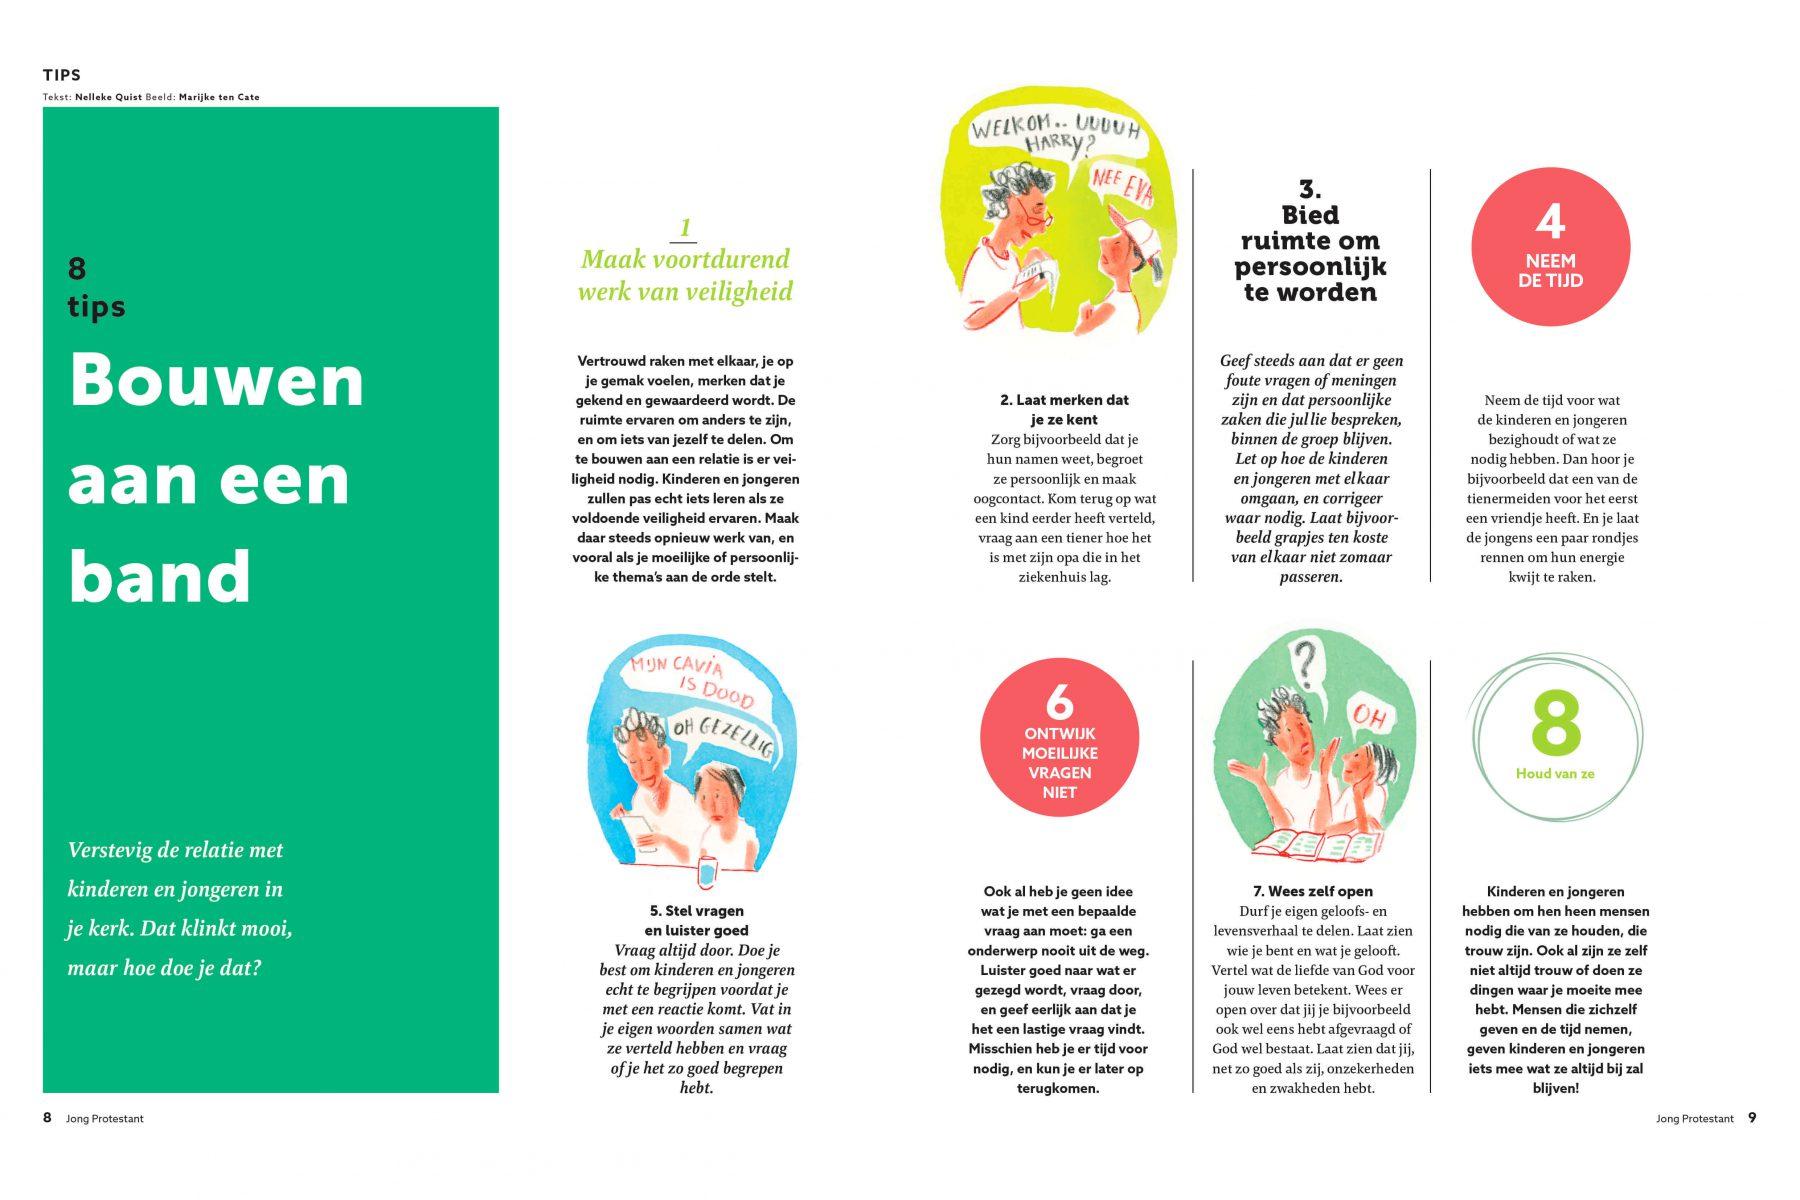 JOP redactionele illustraties